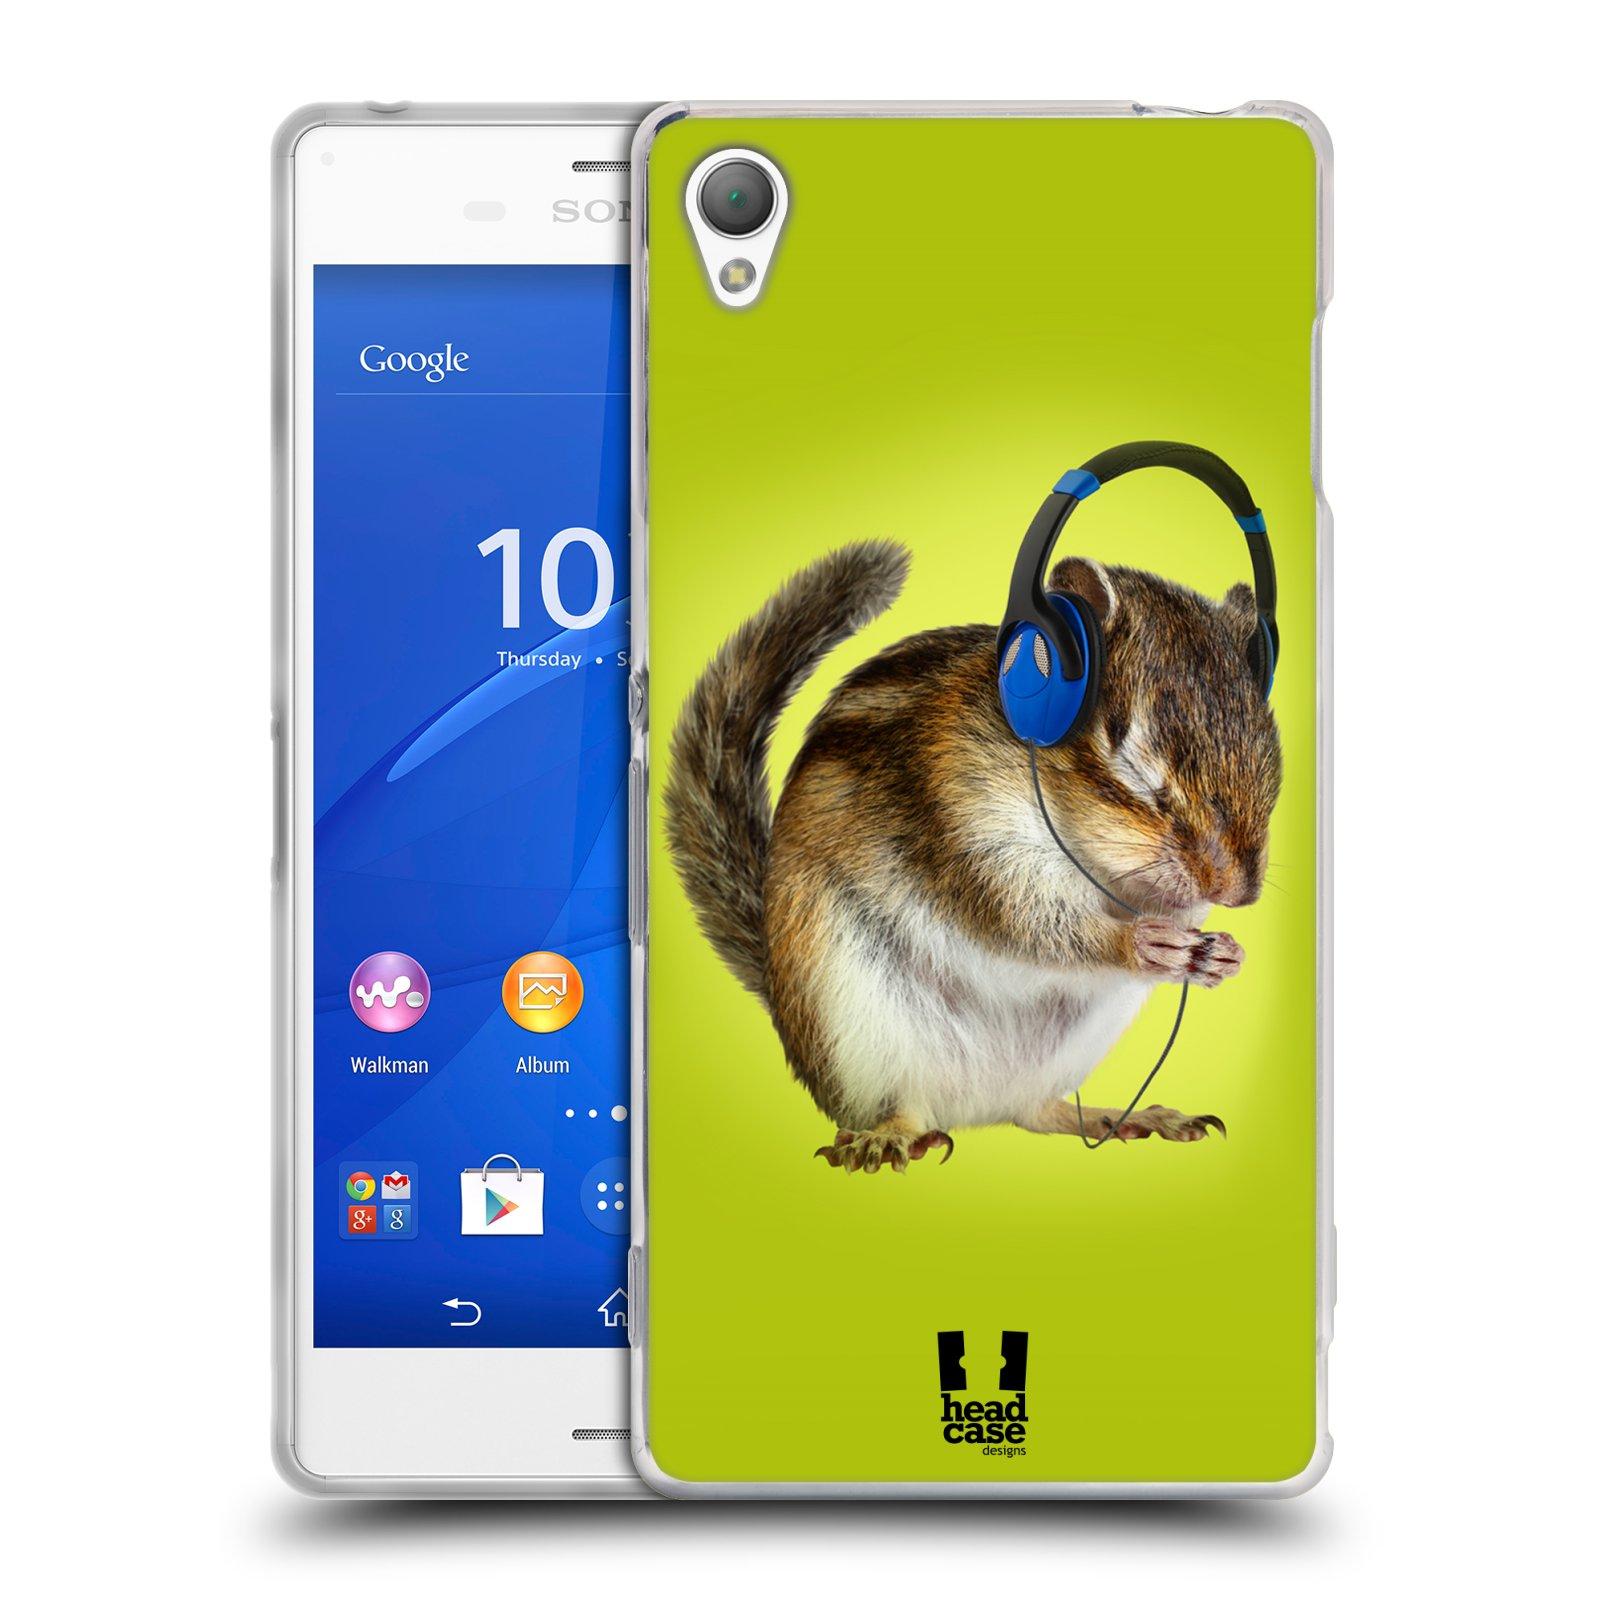 HEAD CASE silikonový obal na mobil Sony Xperia Z3 vzor Legrační zvířátka veverka se sluchátky